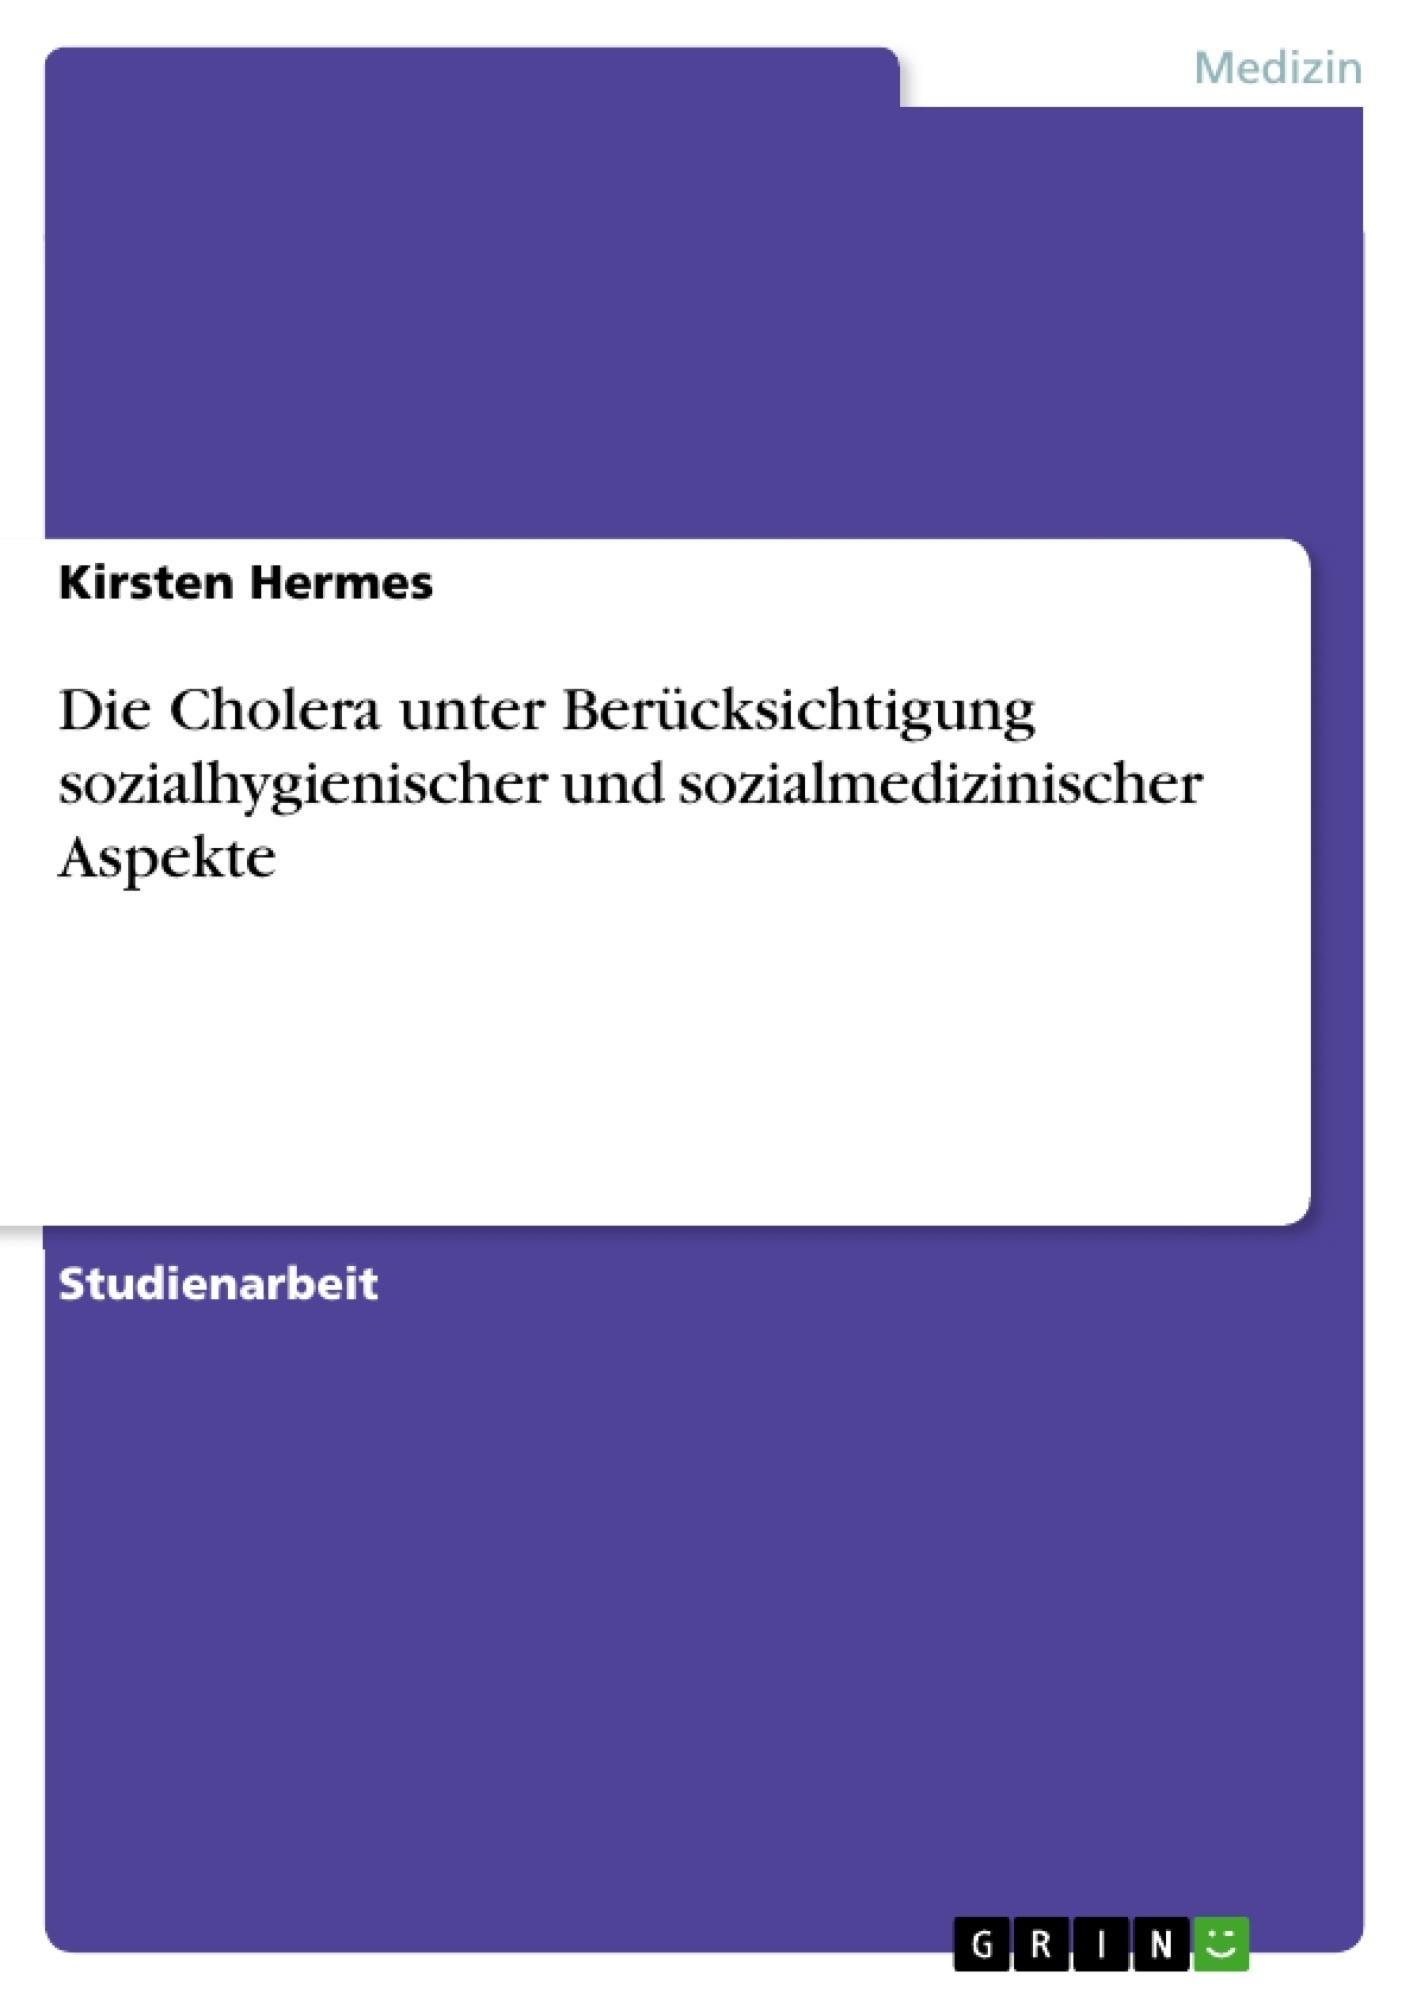 Titel: Die Cholera unter Berücksichtigung sozialhygienischer und sozialmedizinischer Aspekte